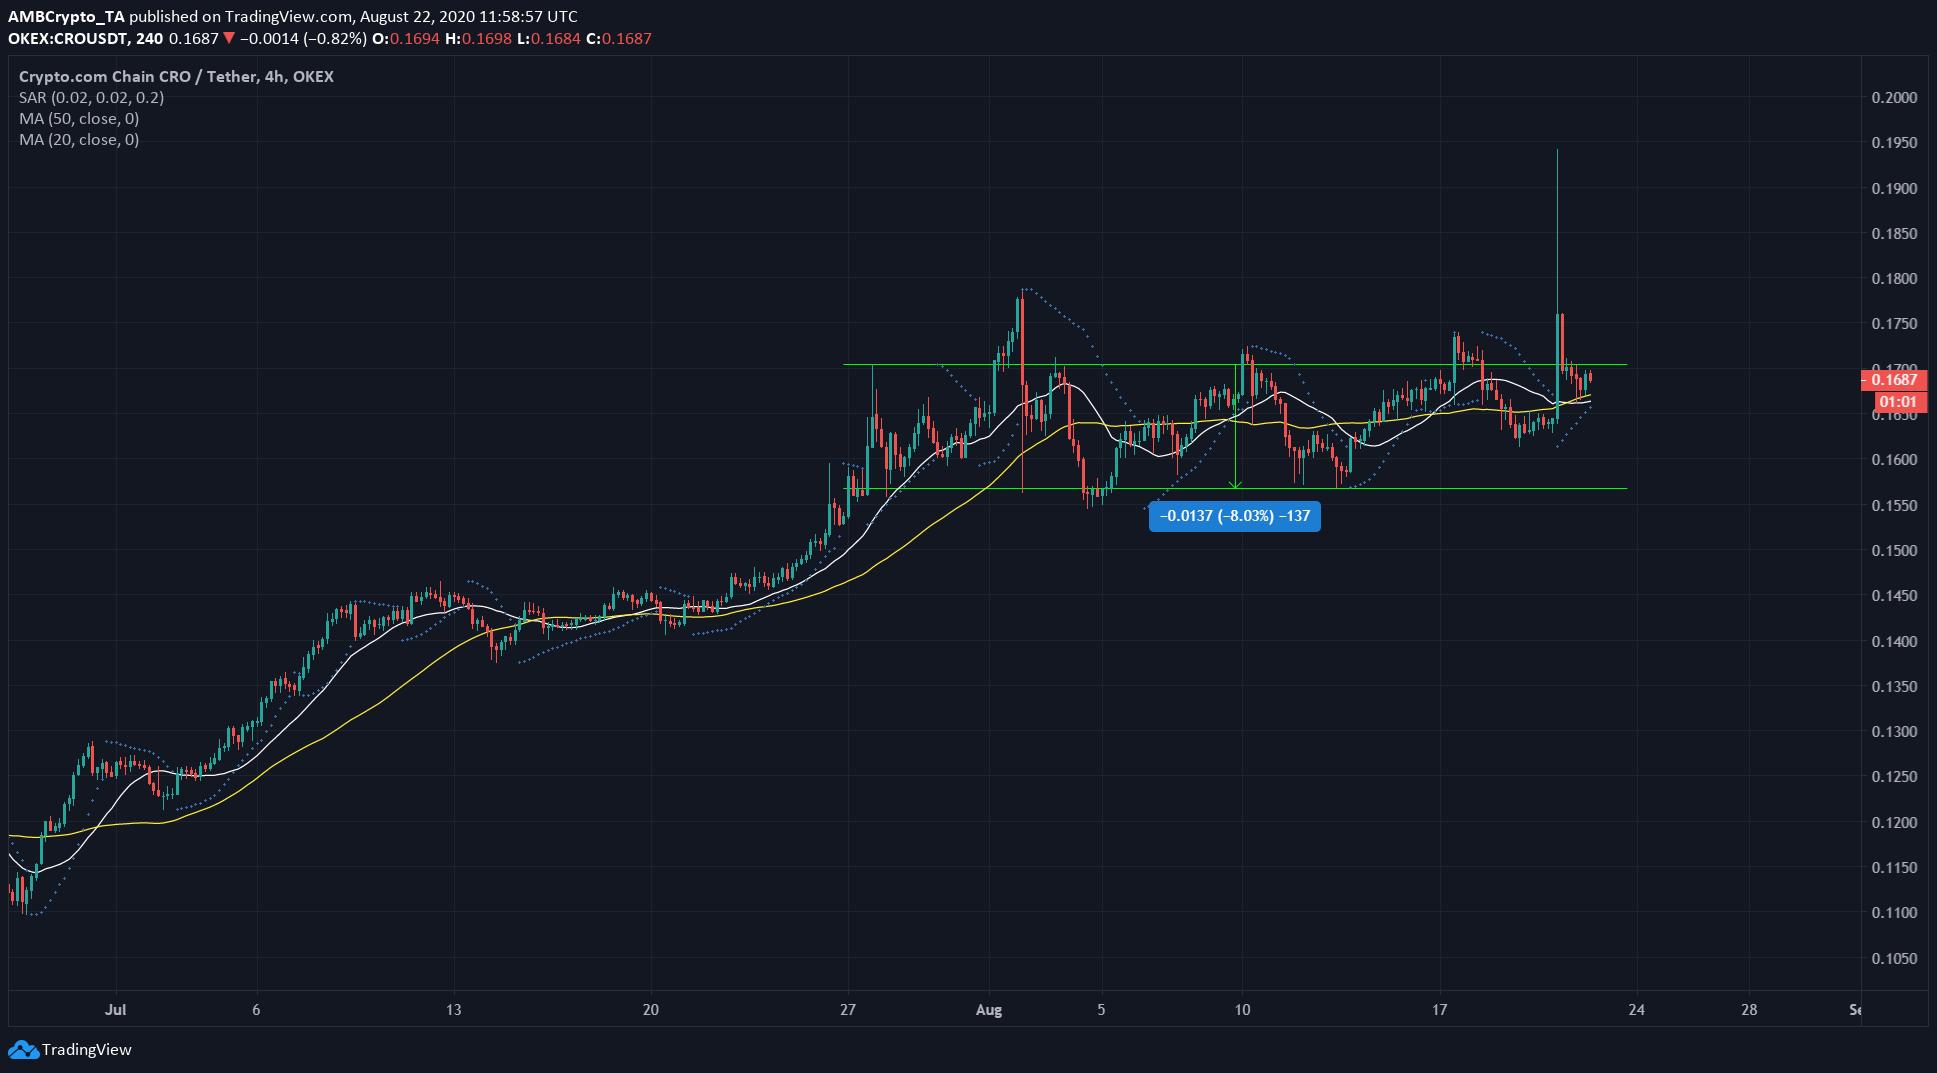 BAT, Crypto.com, Cardano Price Analysis: 22 August